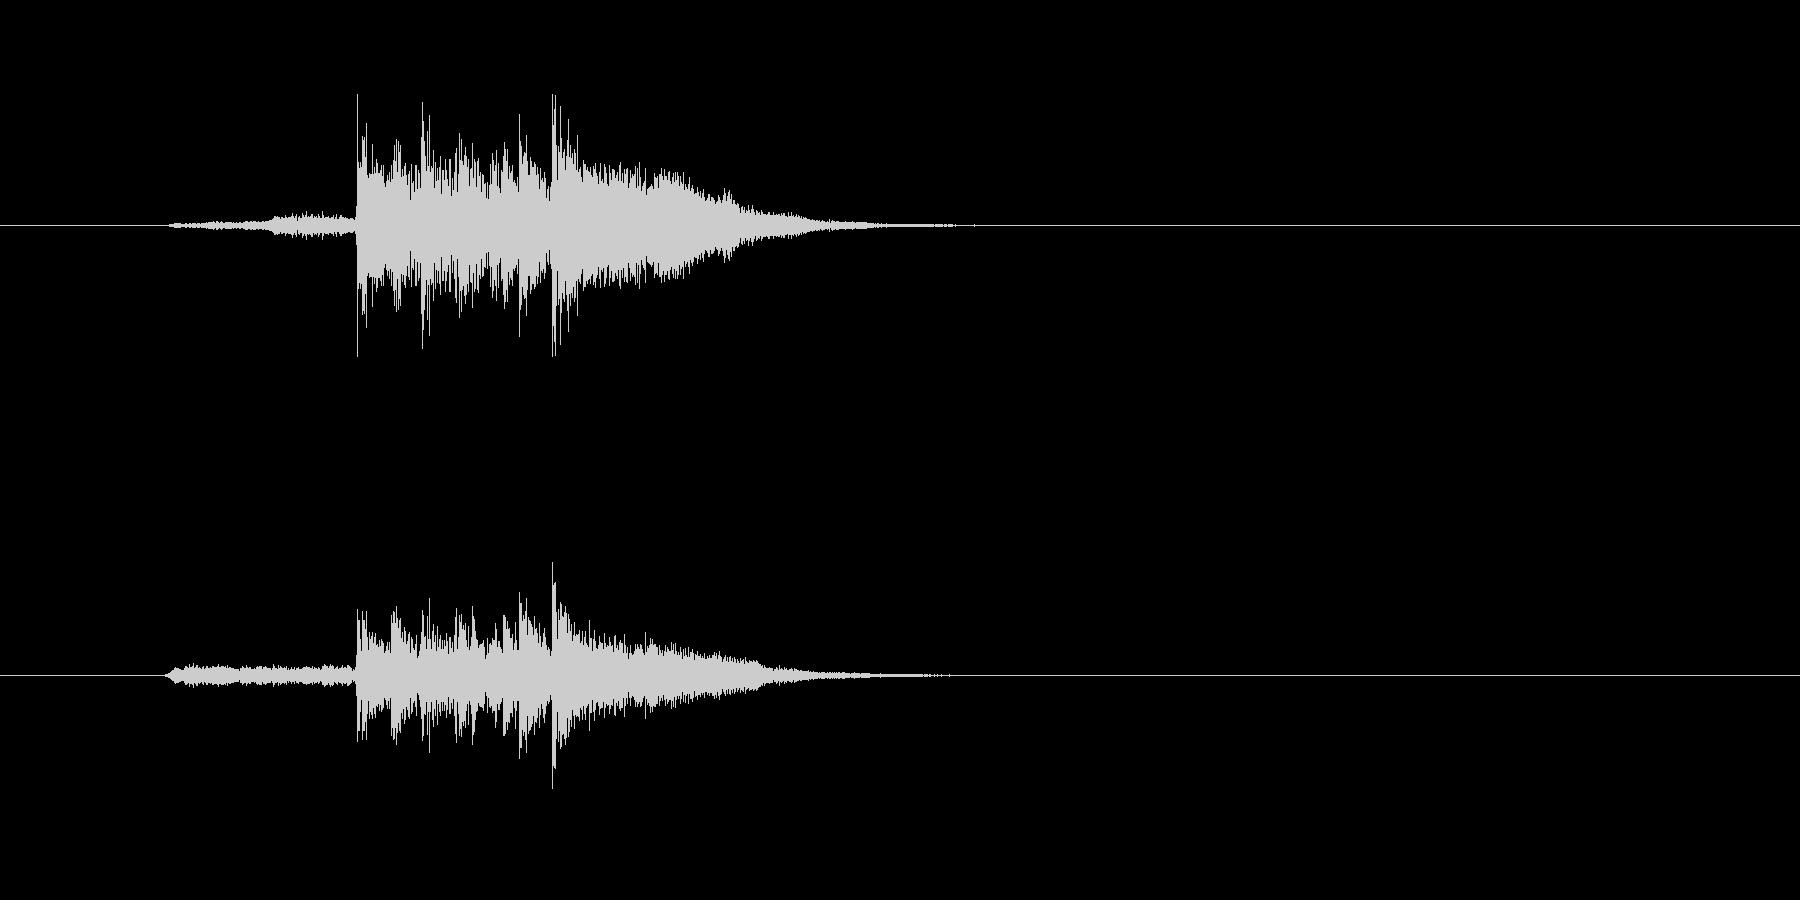 シンセサイザー ホラー ストリングスの未再生の波形